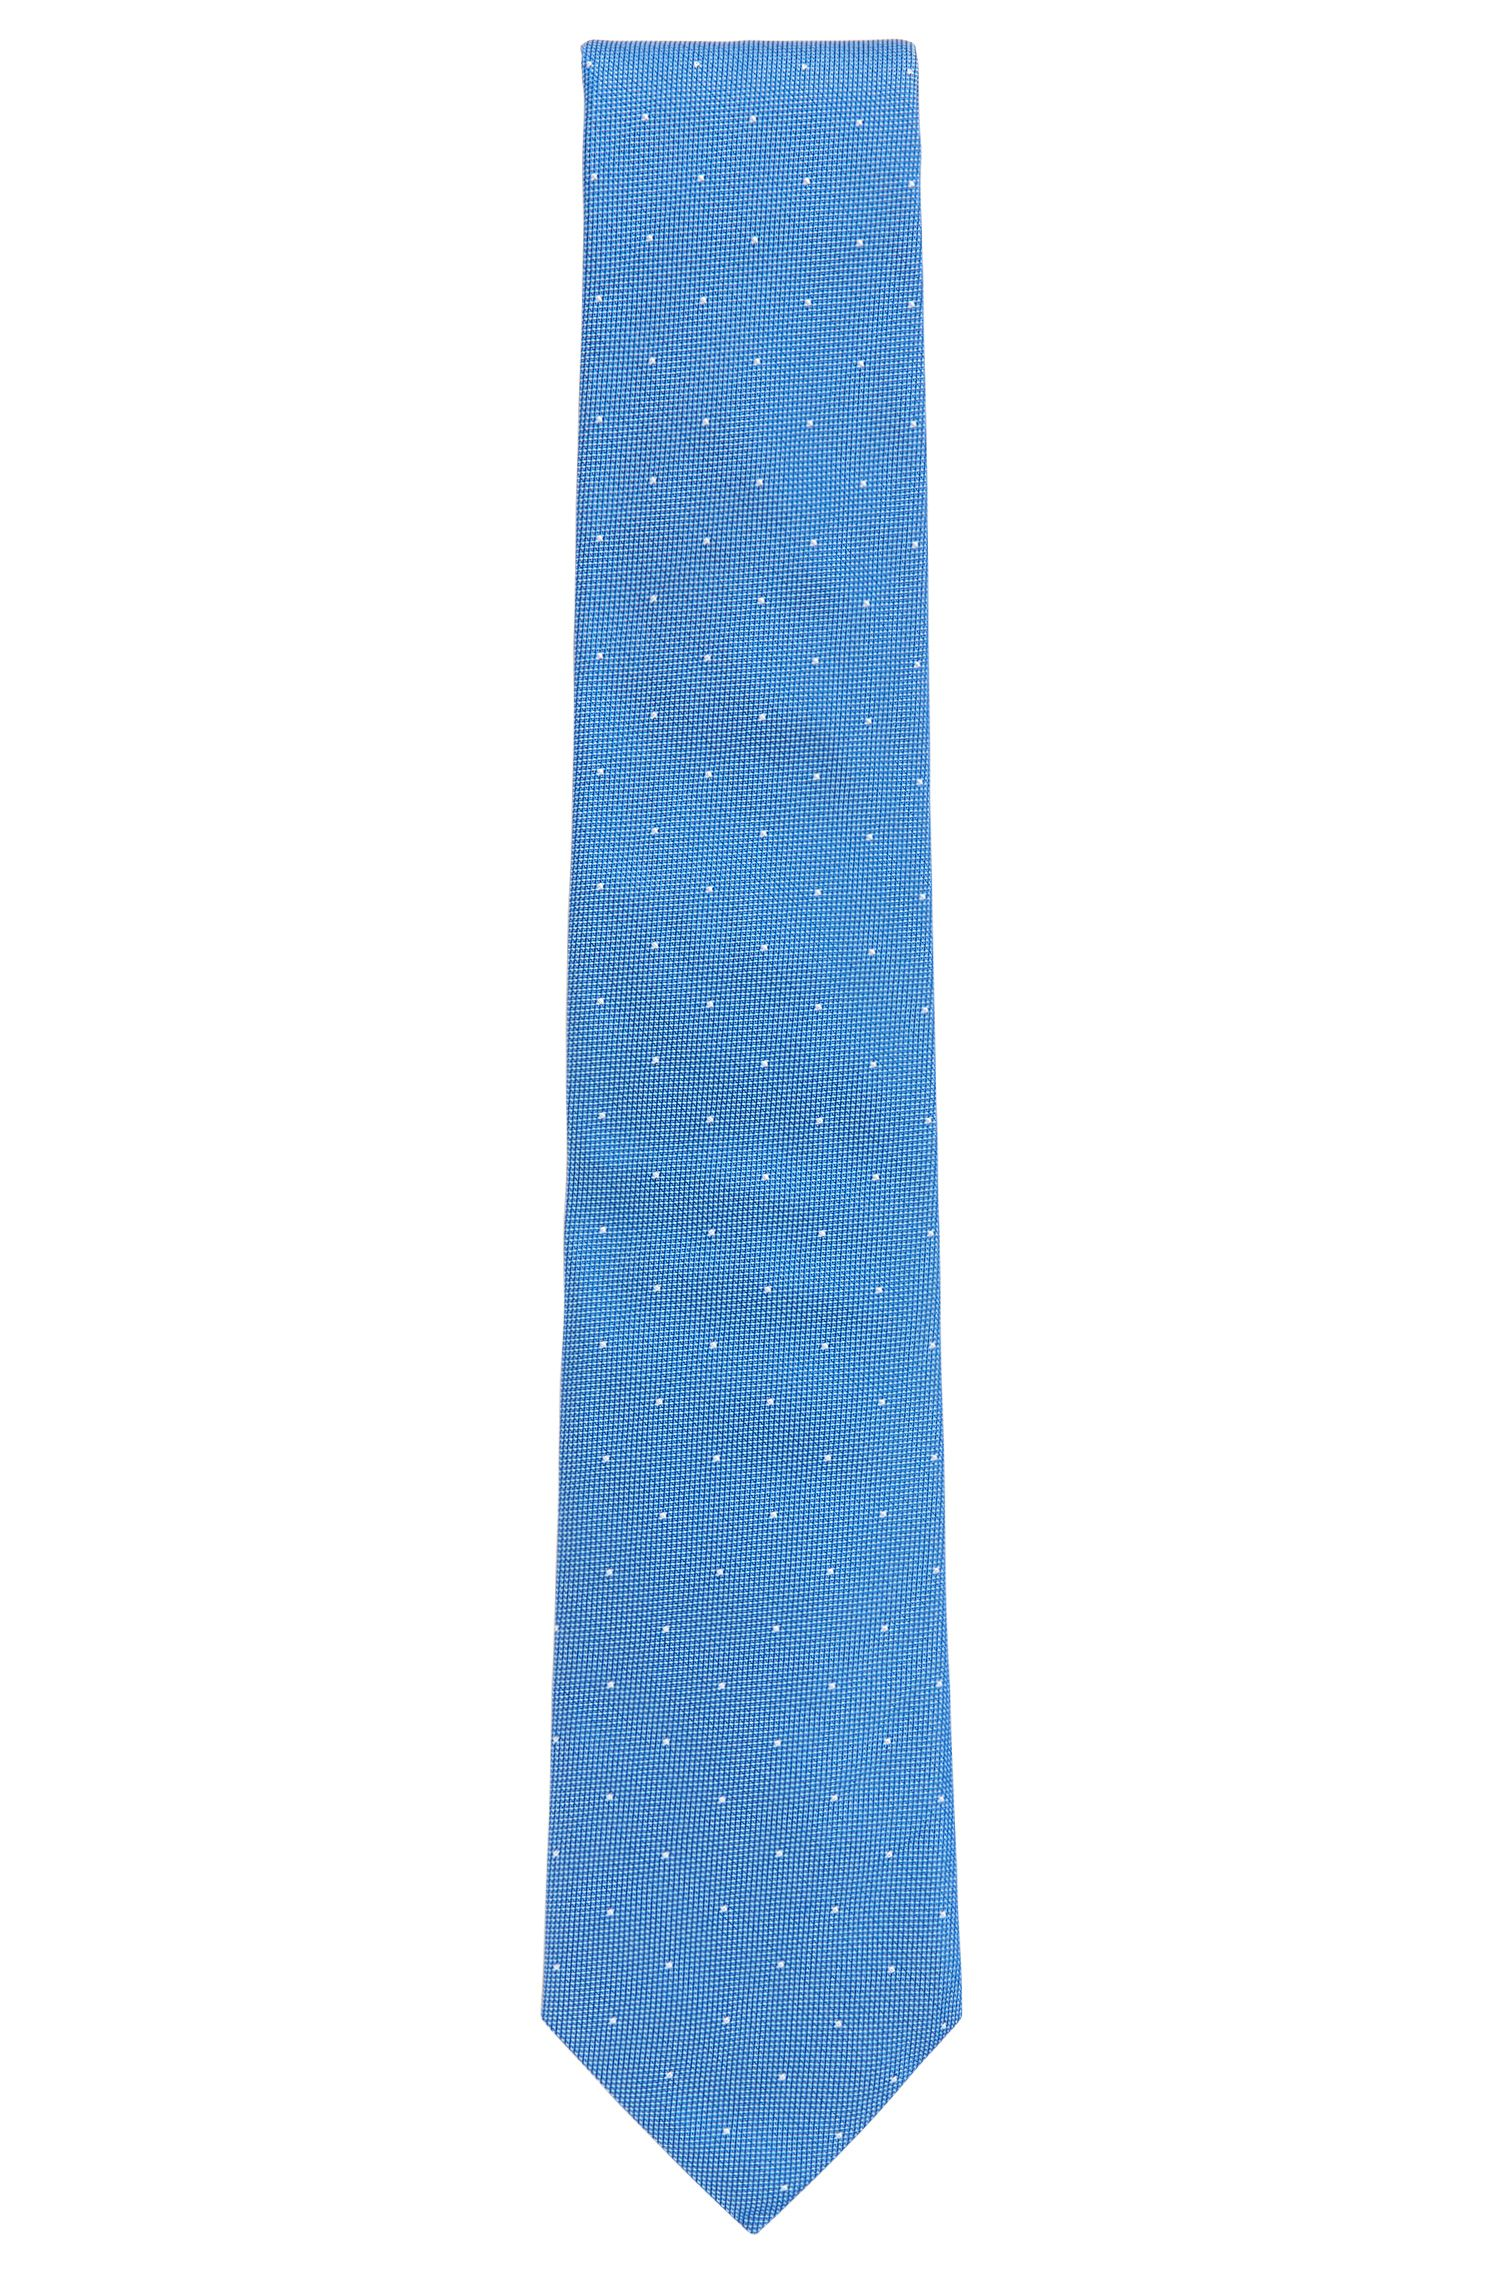 In Italien gefertigte Krawatte aus Seiden-Jacquard mit Punkten